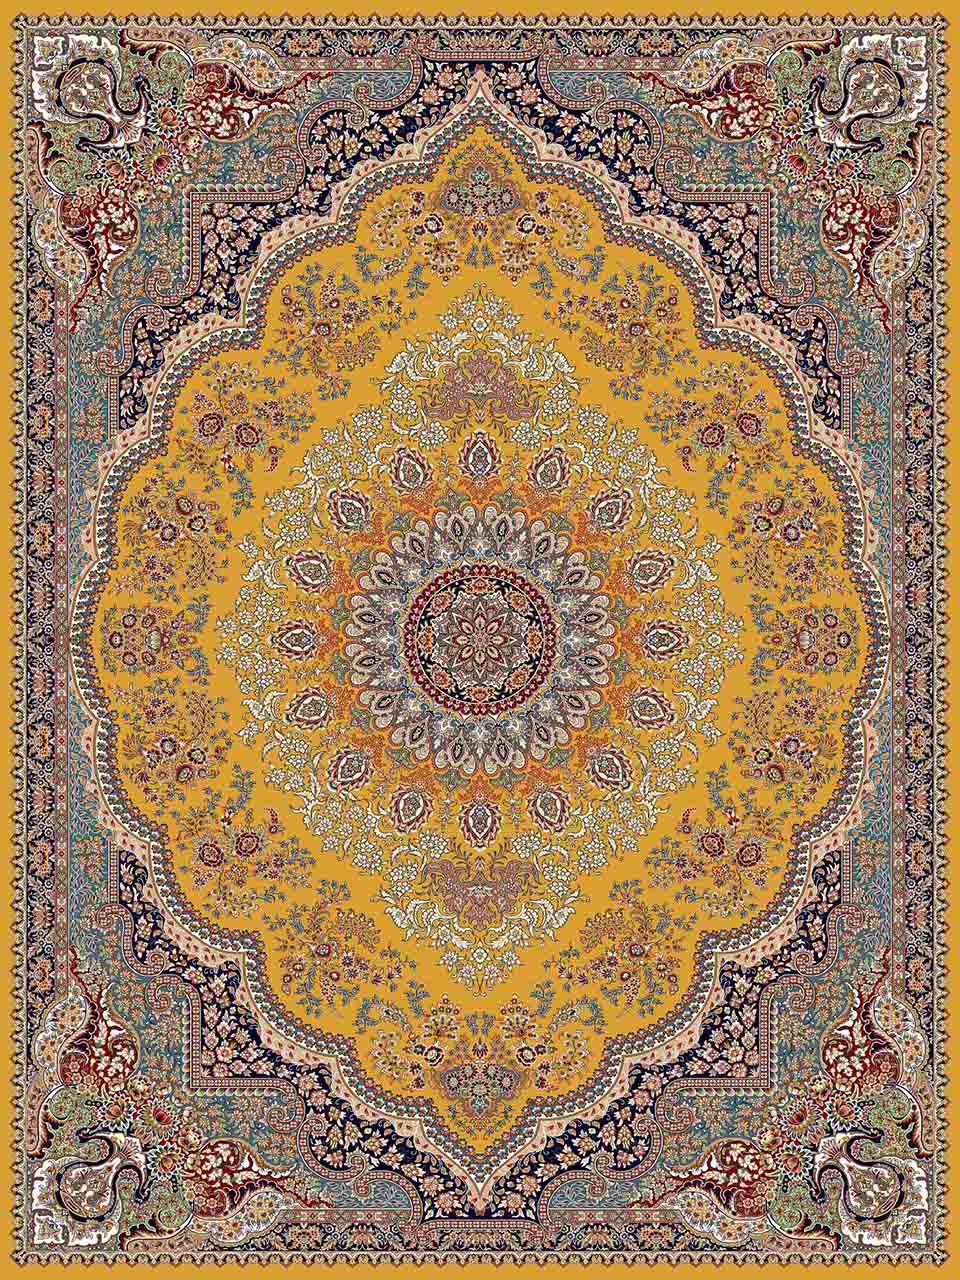 فرش (25012) اکریلیک - 8 رنگ - 700 شانه - زرد - تراکم 2550